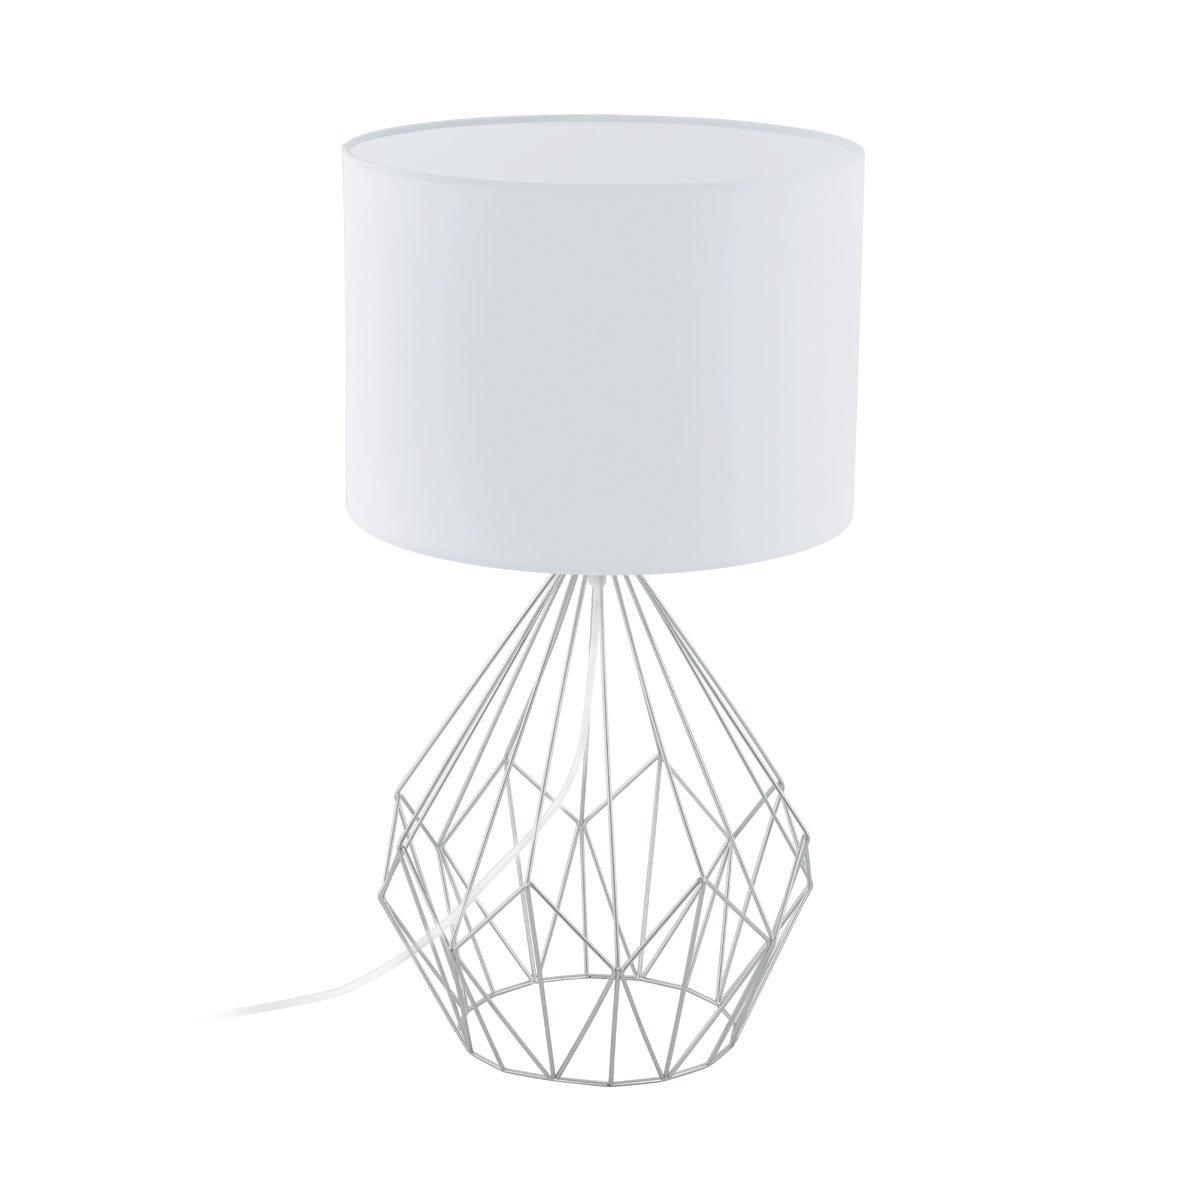 Eglo Tafellamp Pedregal 1 Eglo 95187